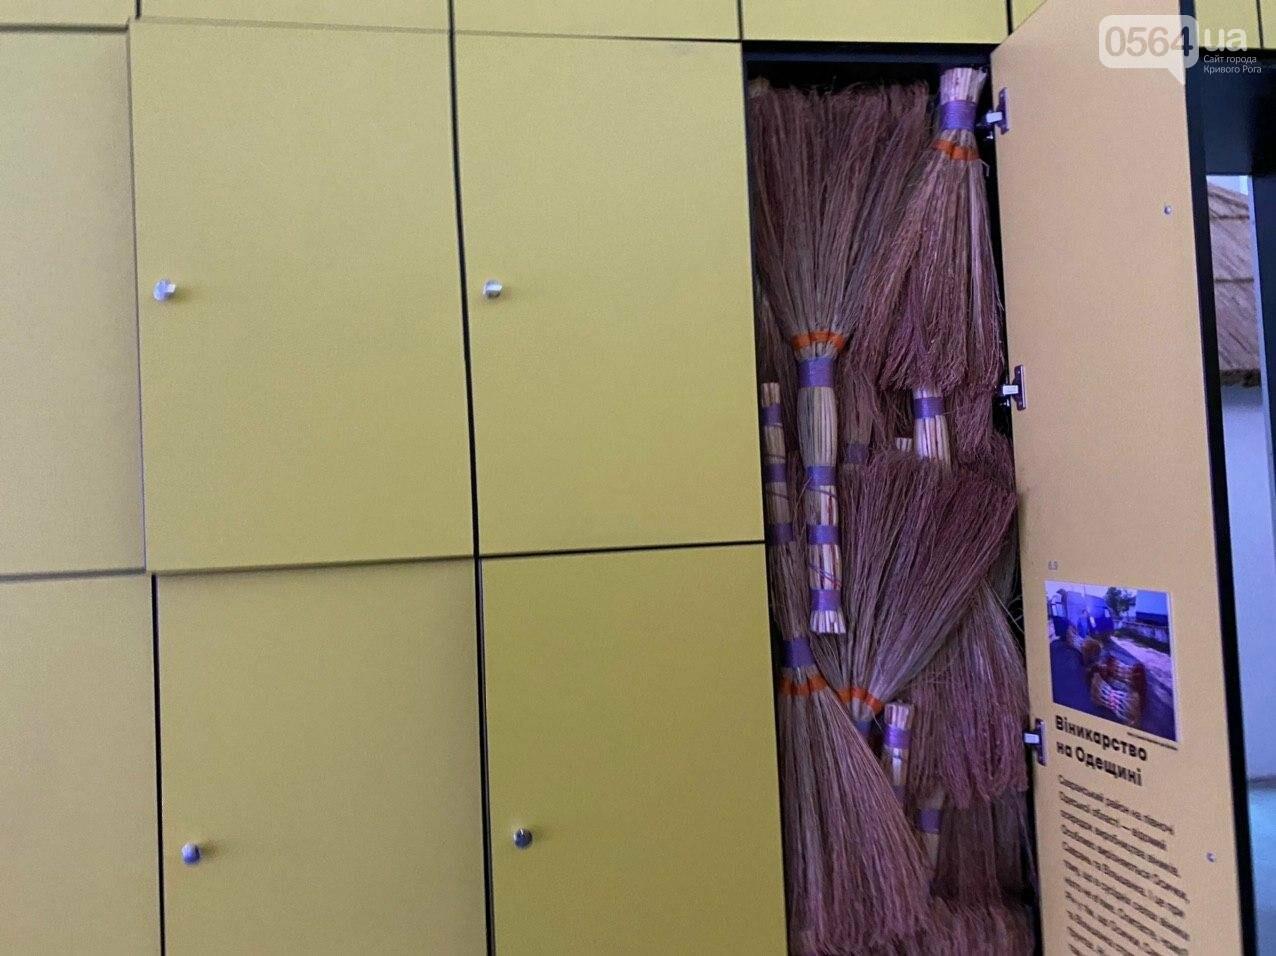 Ukraine WOW: что можно было узнать о Кривом Роге на интерактивной выставке, - ФОТО , фото-102